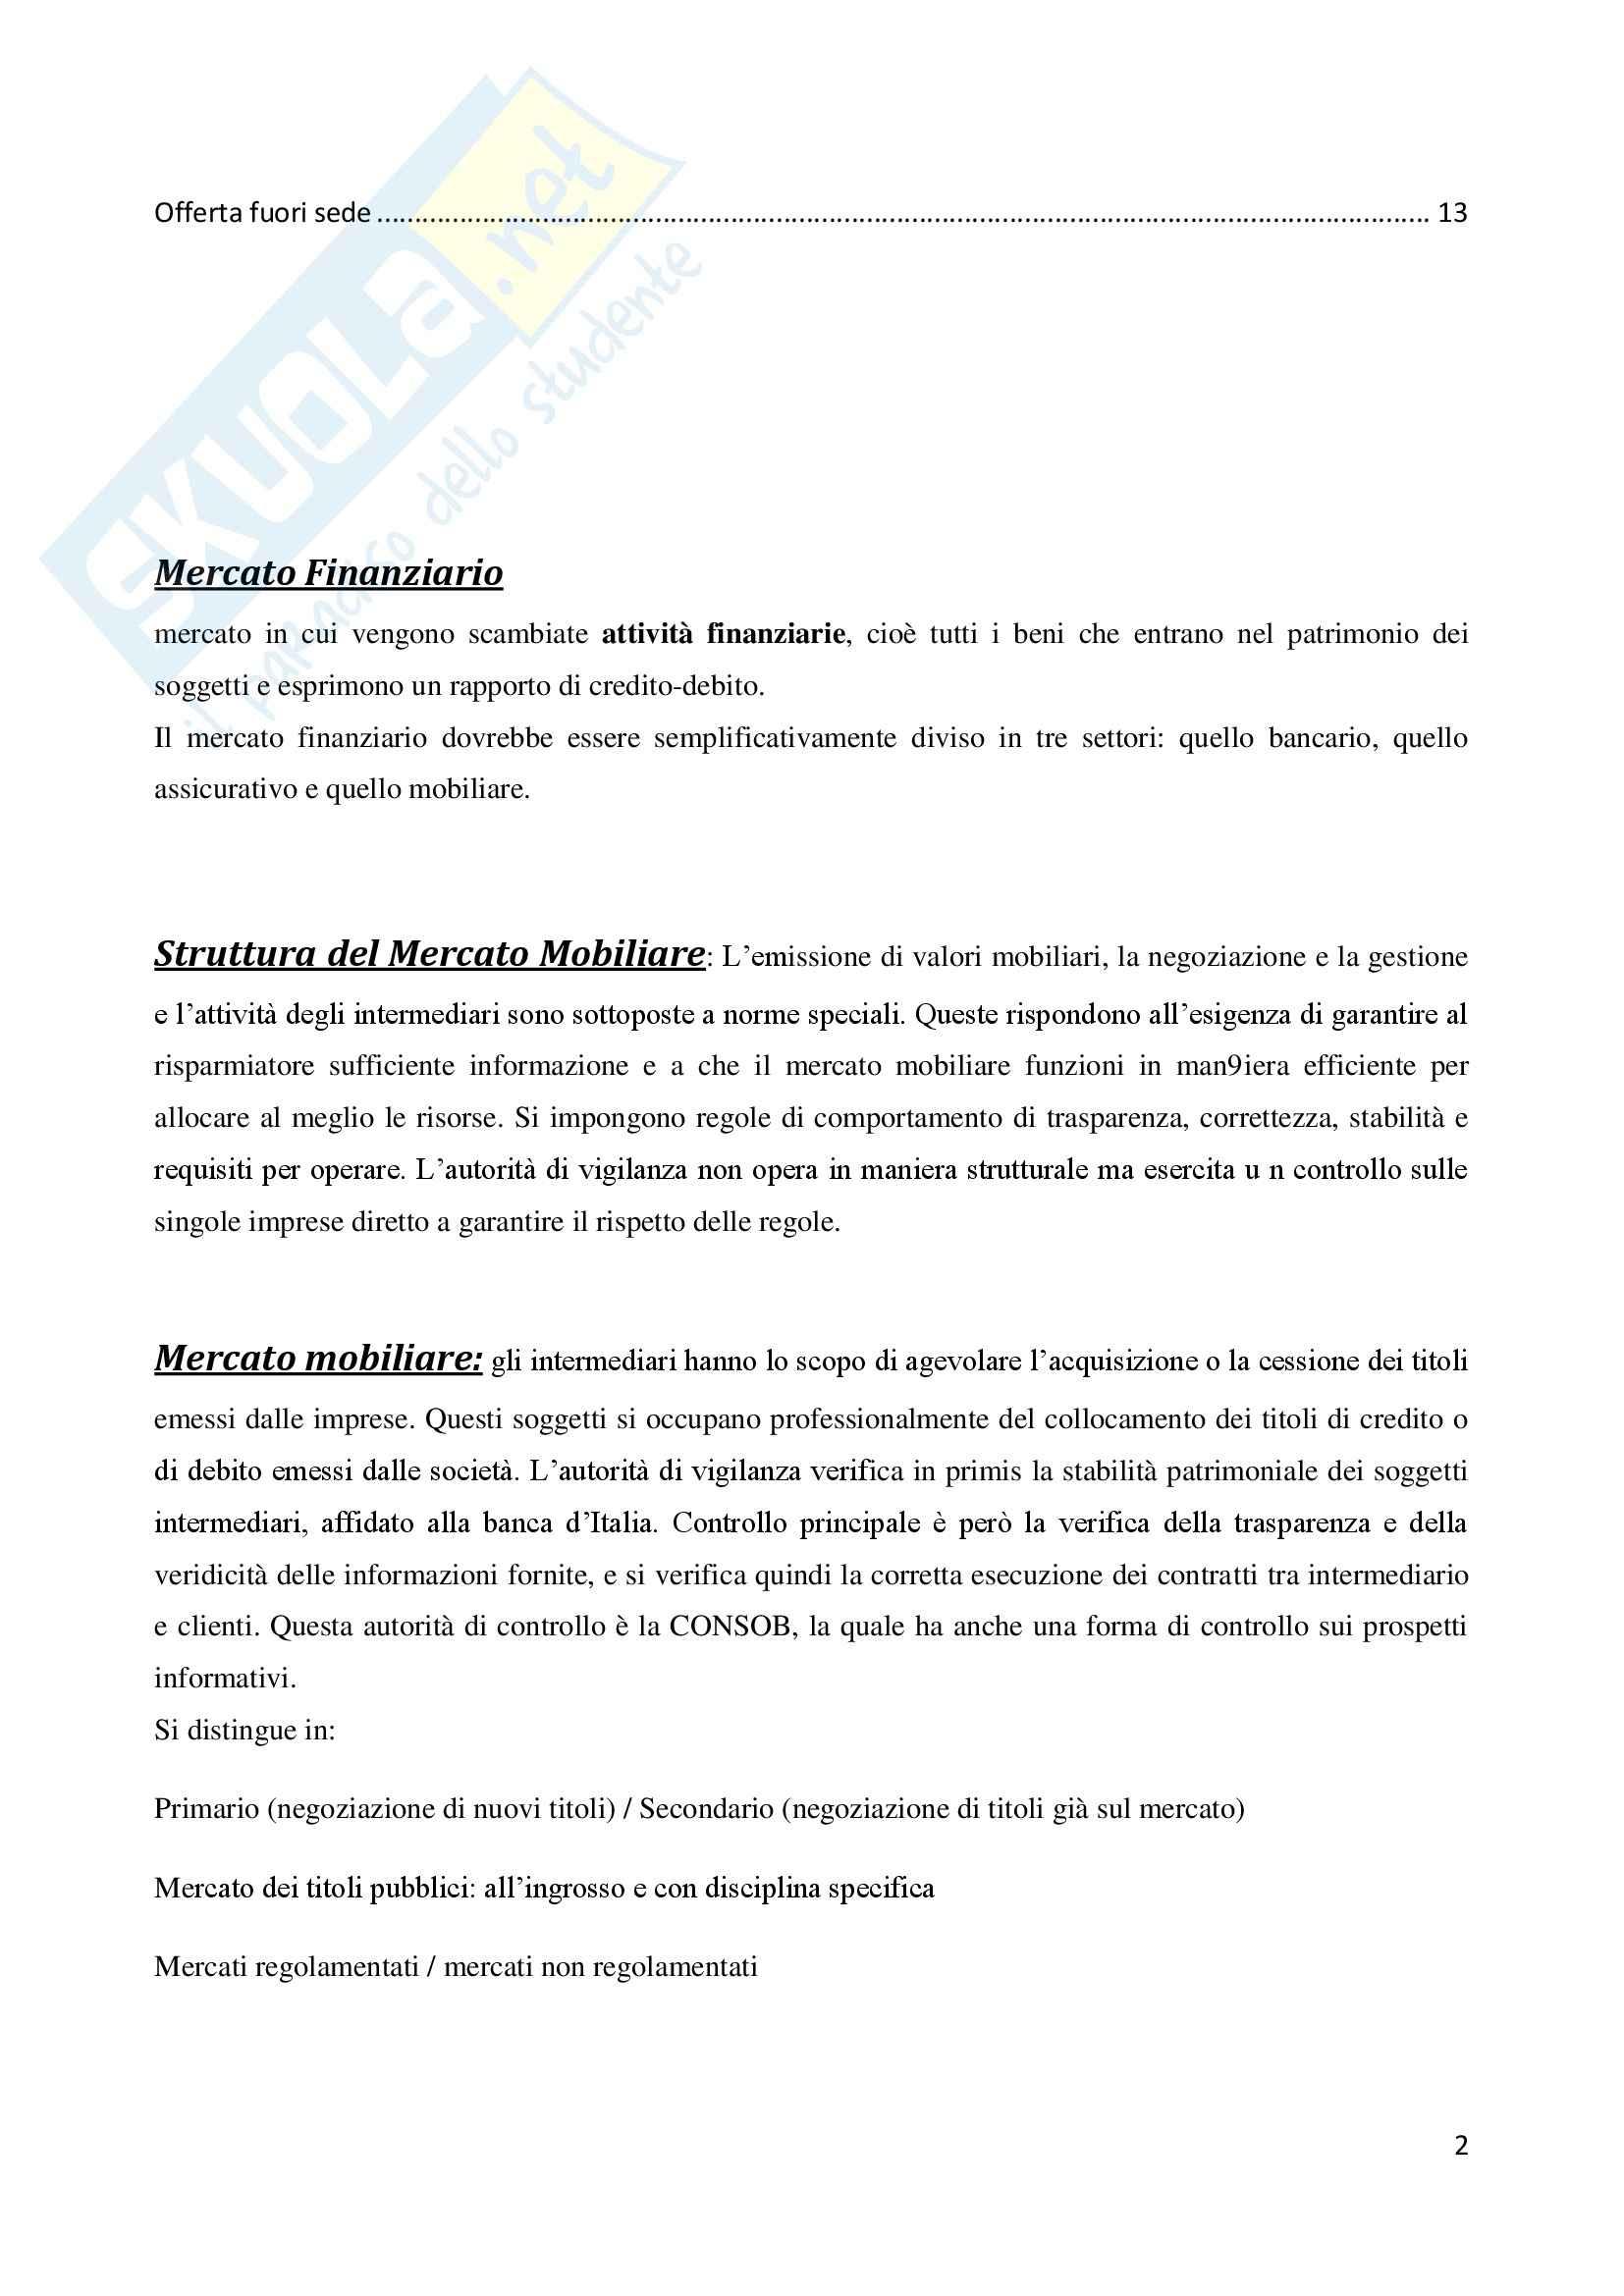 Diritto dei Mercati Finanziari - Riassunto esame Pag. 2